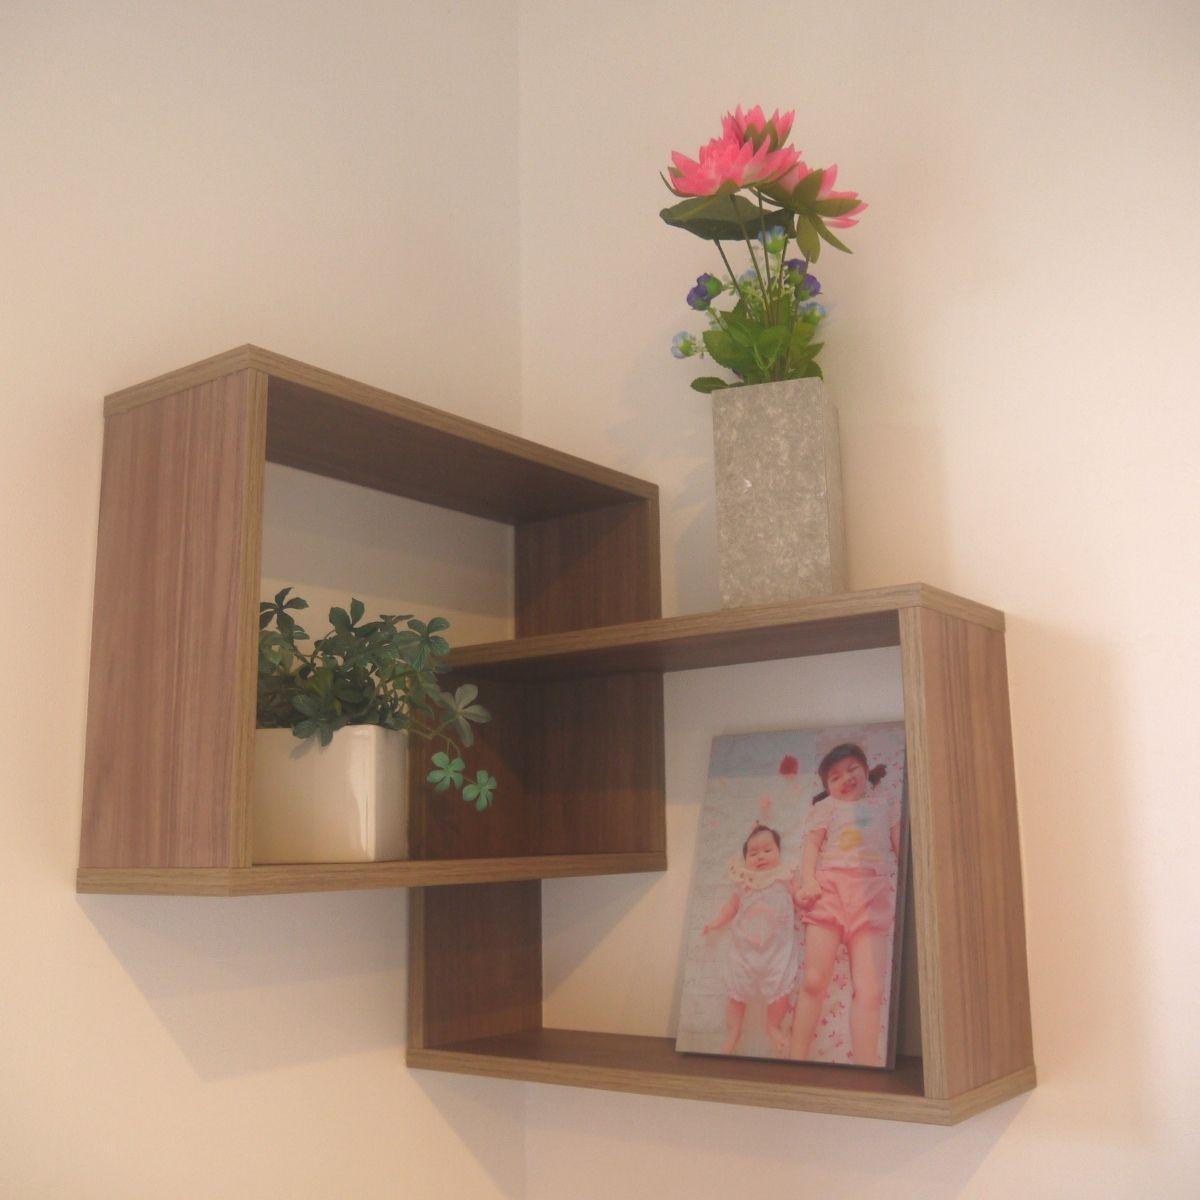 グレイエルム コーナーウォールラック おしゃれ 収納  壁 コーナーシェルフ 角 飾り棚